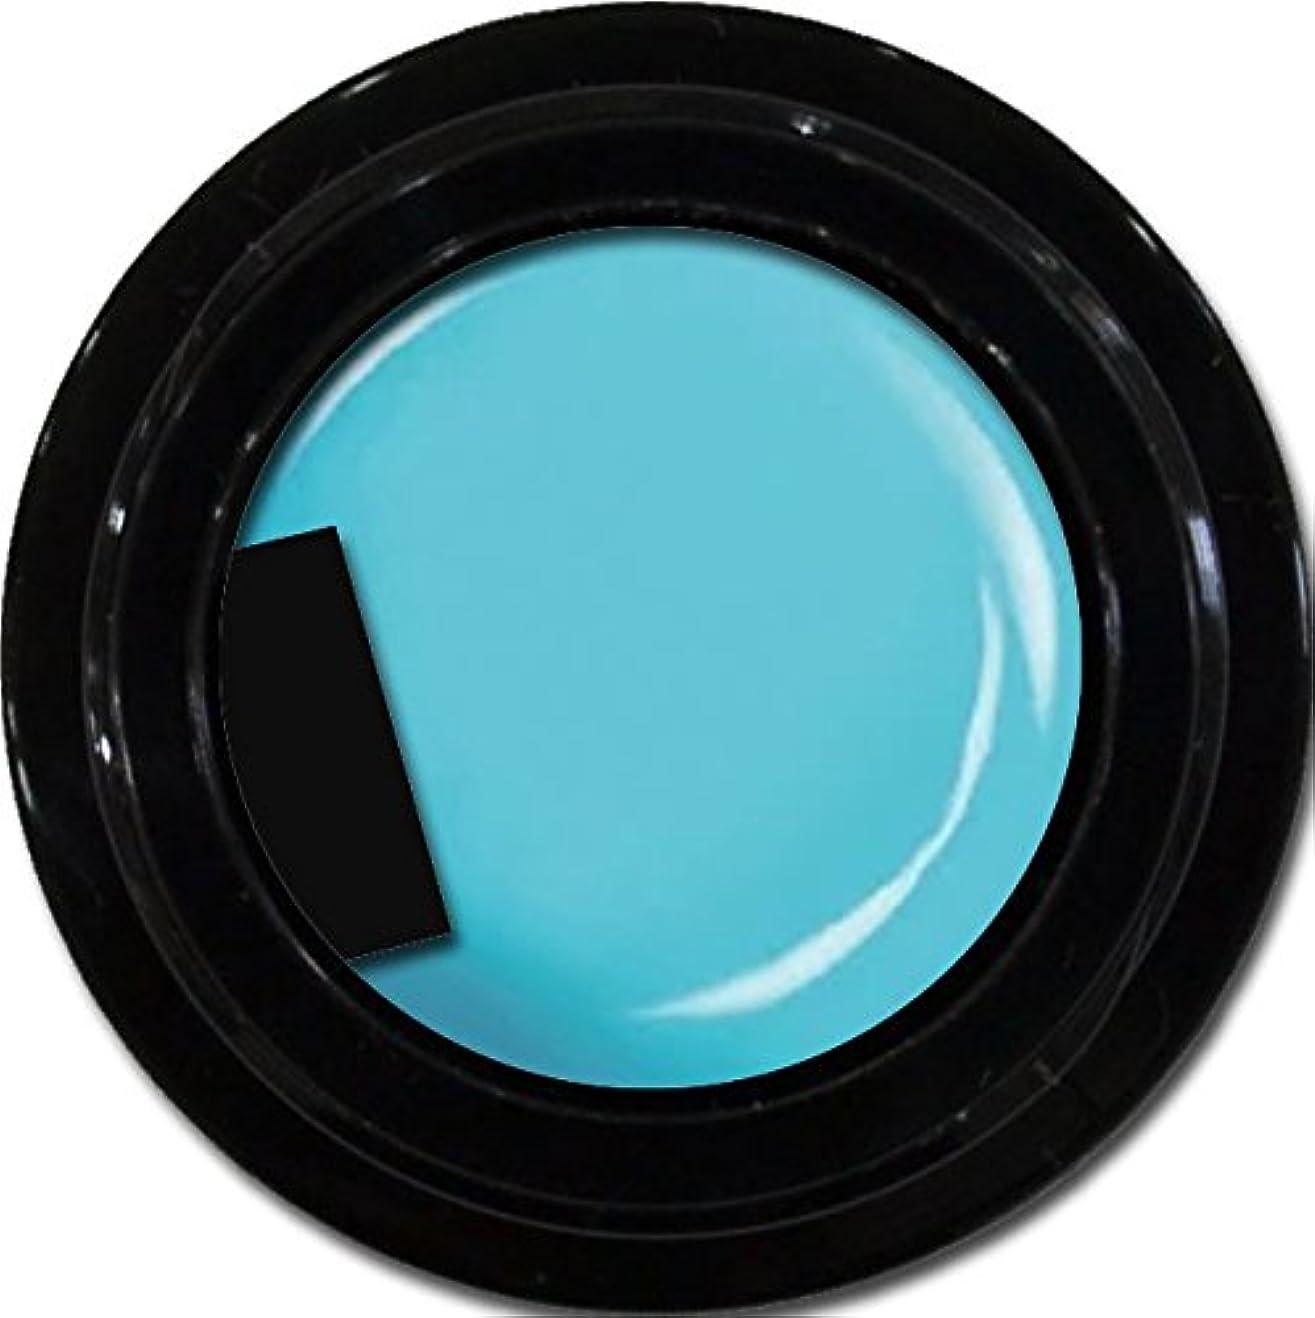 廊下ヶ月目返済カラージェル enchant color gel M706 Turquoise 3g/ マットカラージェル M706 ターコイズ 3グラム